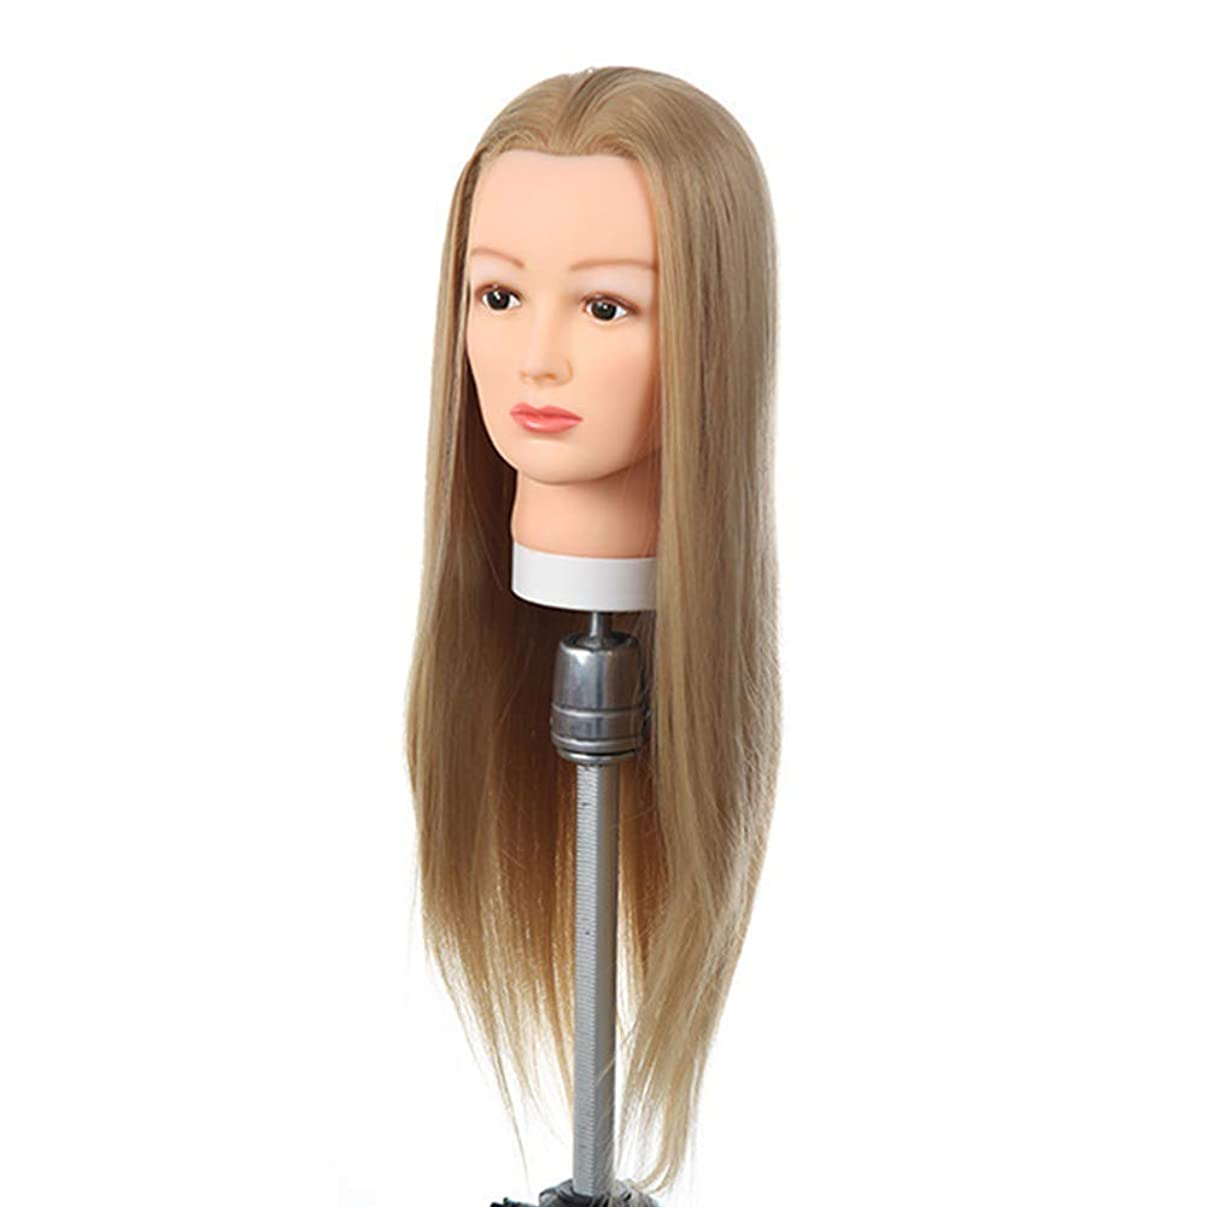 噂開発足枷高温シルクヘアエクササイズヘッド理髪店トリムヘアトレーニングヘッドブライダルメイクスタイリングヘアモデルダミーヘッド